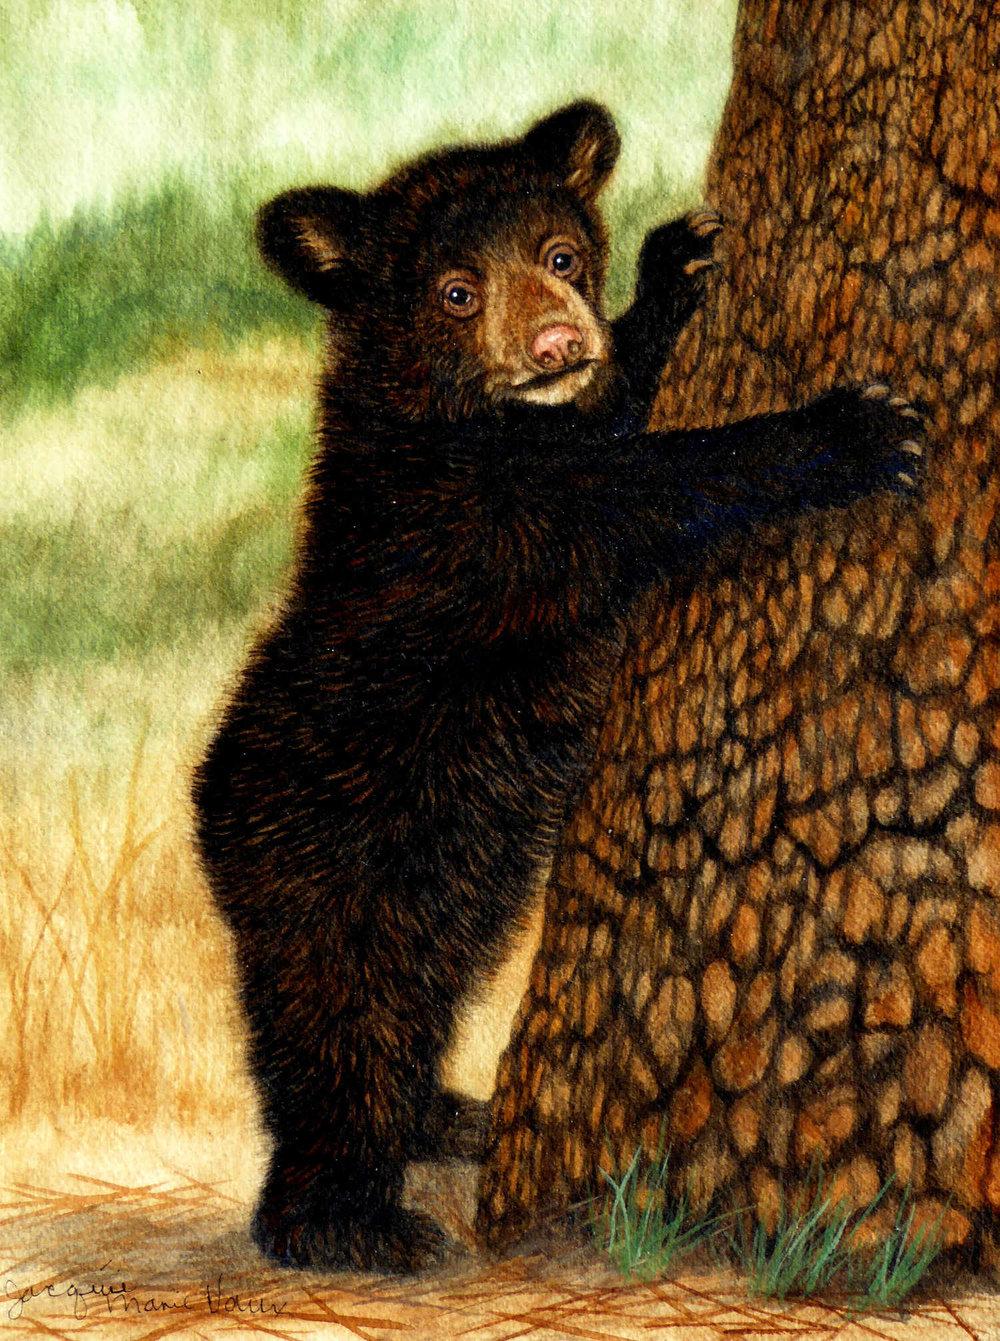 BearCub-Tree-1500-500-Cm.jpg